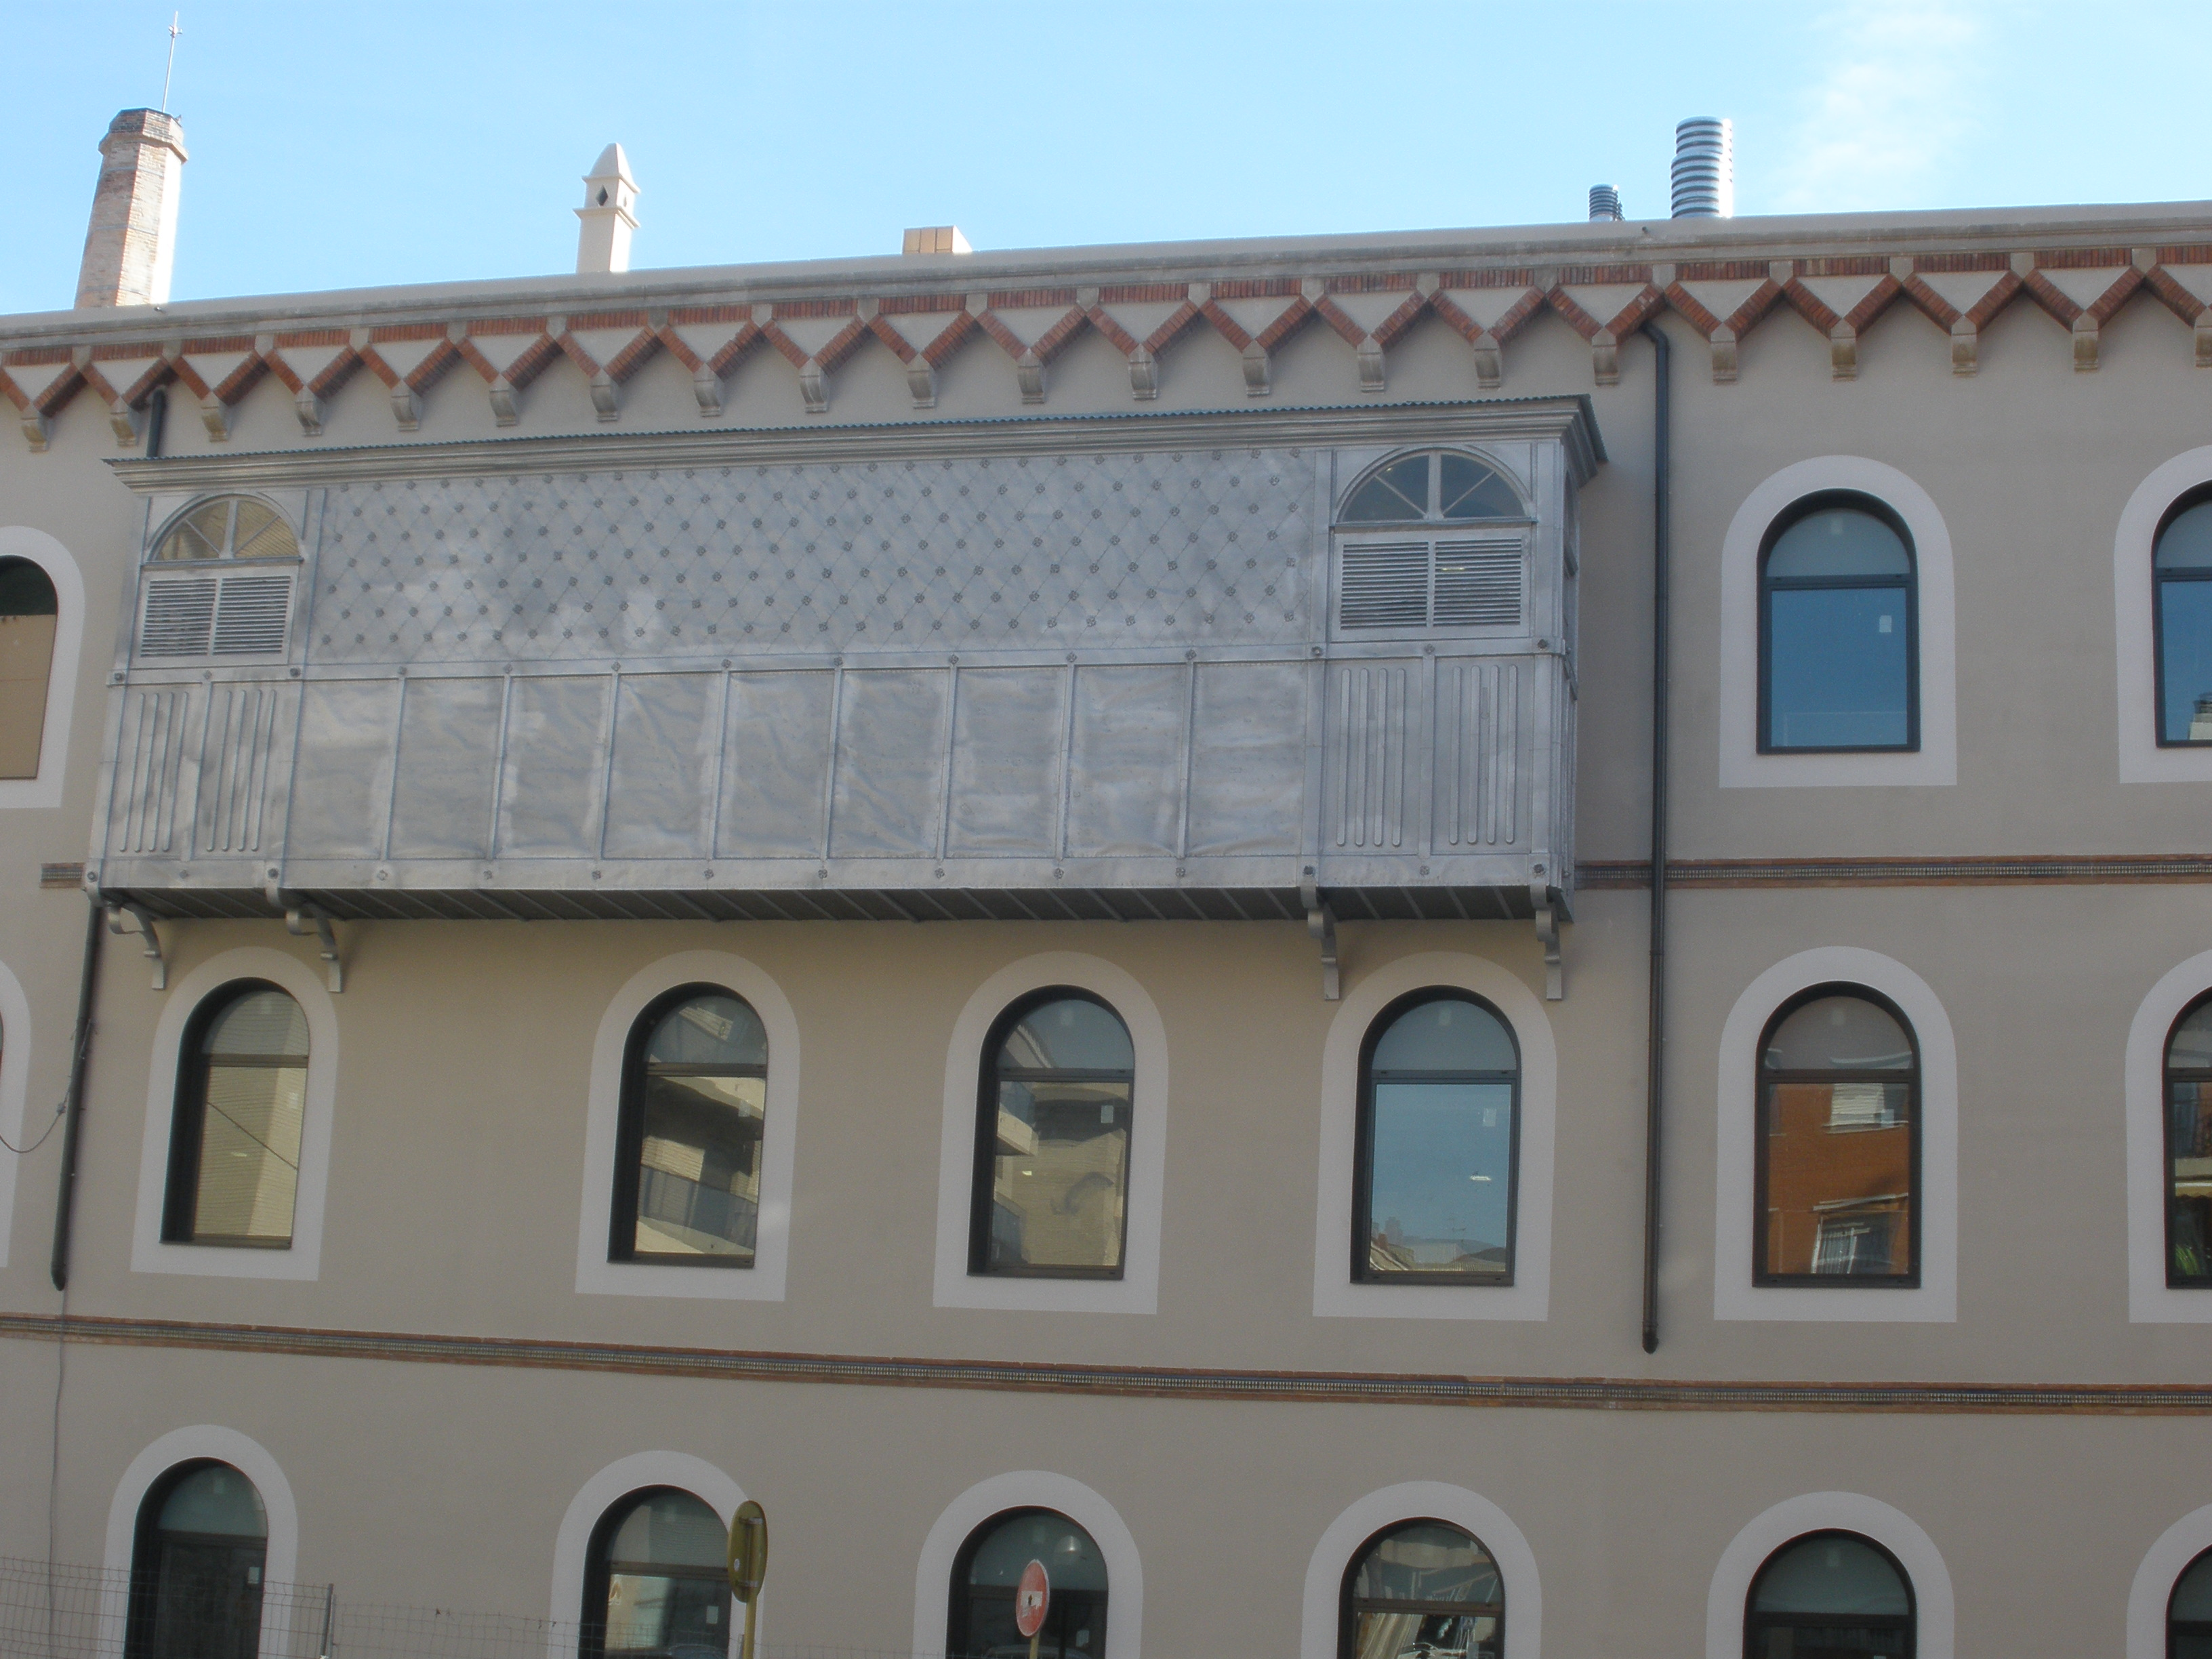 La reforma de l'edifici ha preservat tots els seus elements patrimonials de gran valor